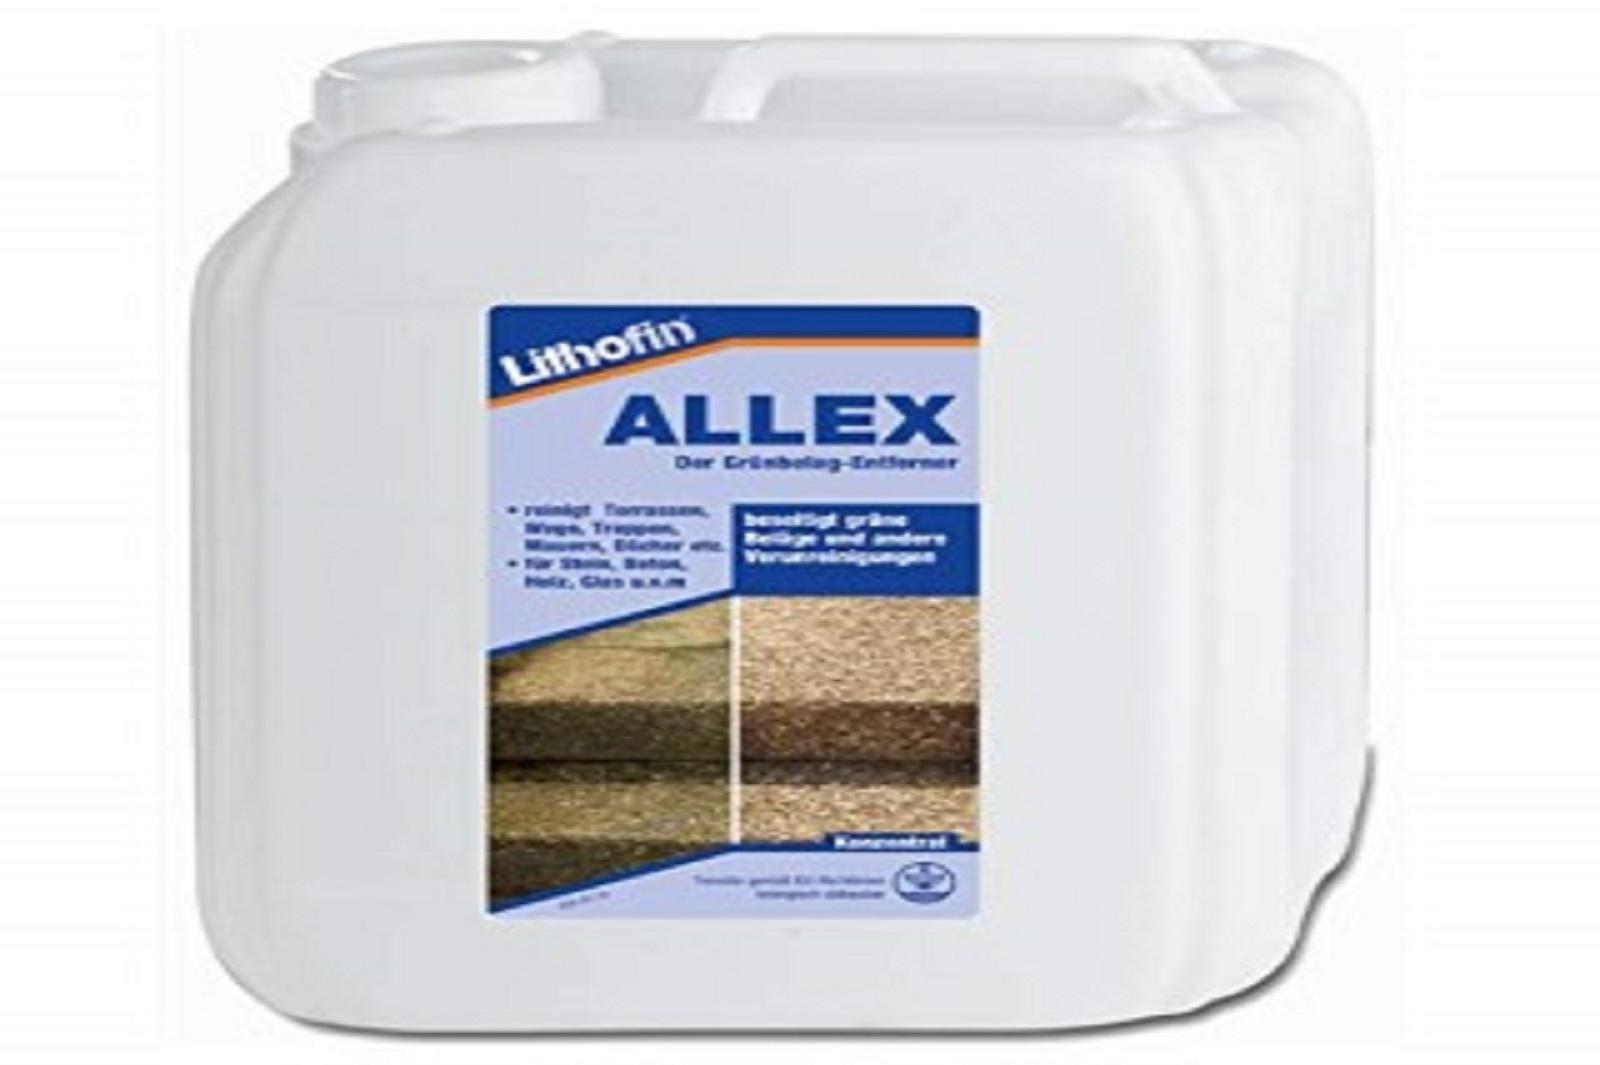 Lithofin ALLEX Grünbelagentferner Mosentferner Algenbeseitigung Konzentrat 10 l